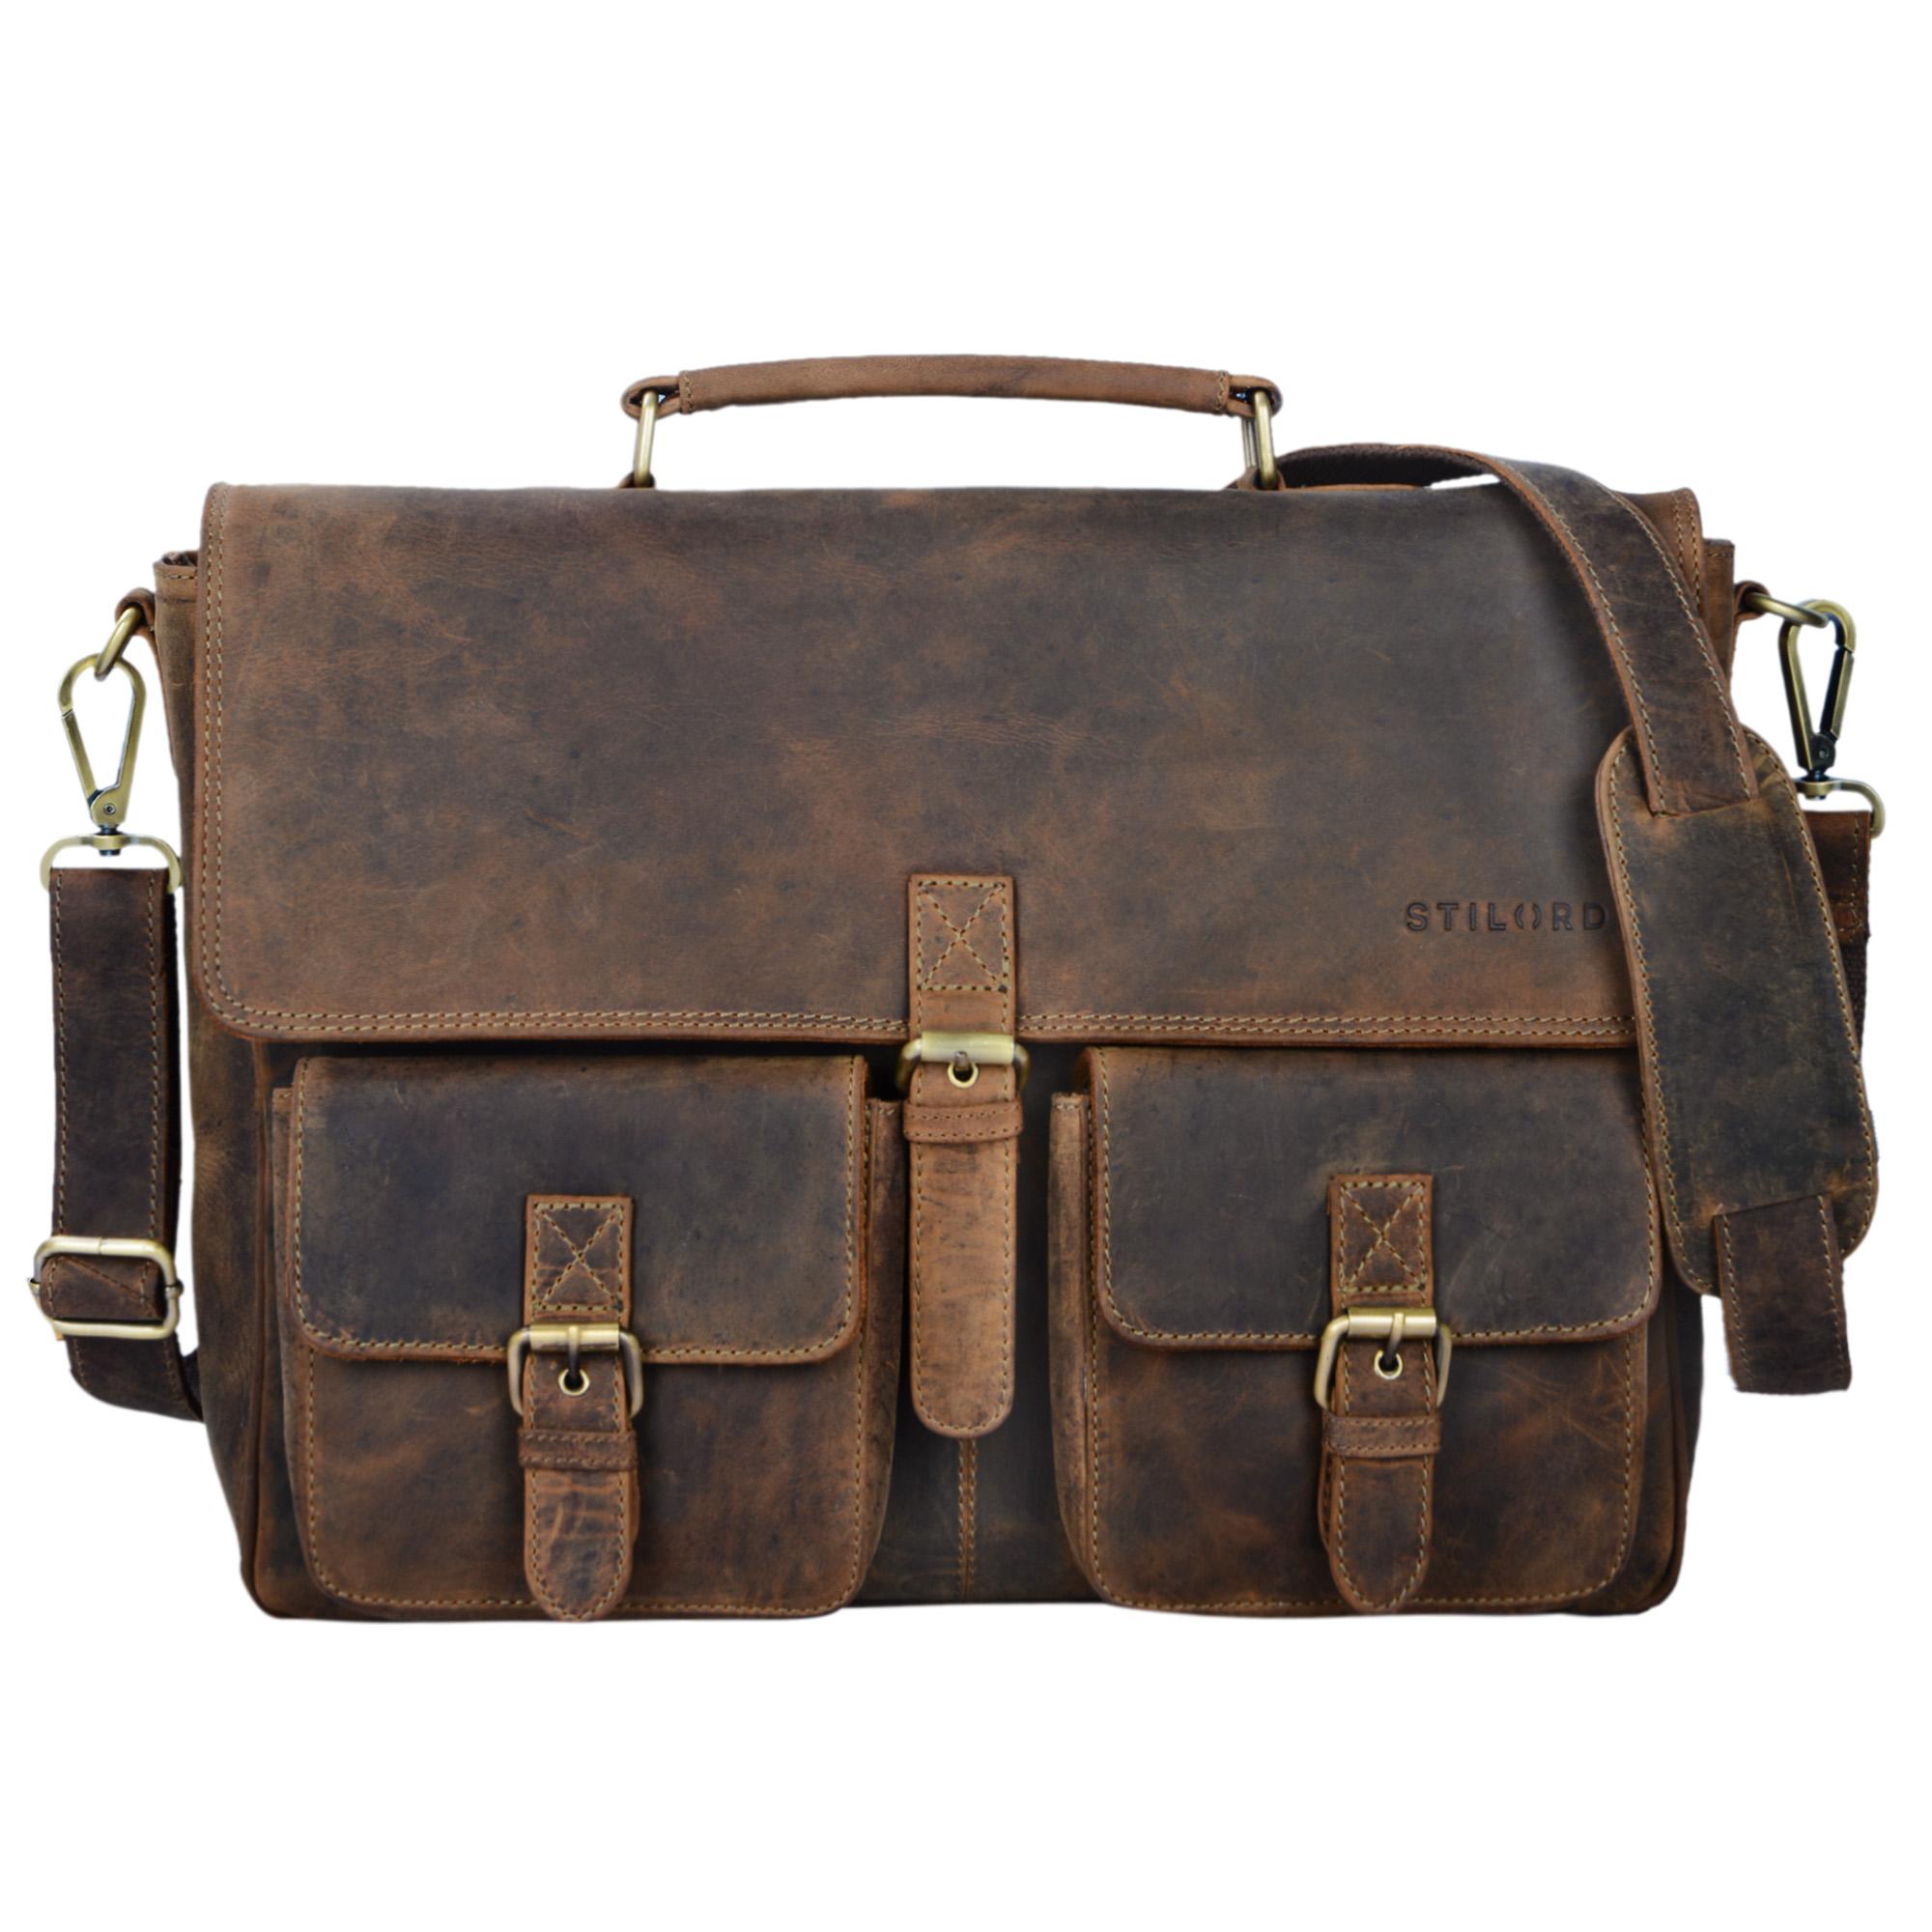 """STILORD """"Victor"""" Vintage Aktentasche Herren Leder moderne Businesstasche für große A4 Aktenordner XL Umhängetasche 15.6 Zoll mit Dreifachtrenner aus echtem Leder - Bild 9"""